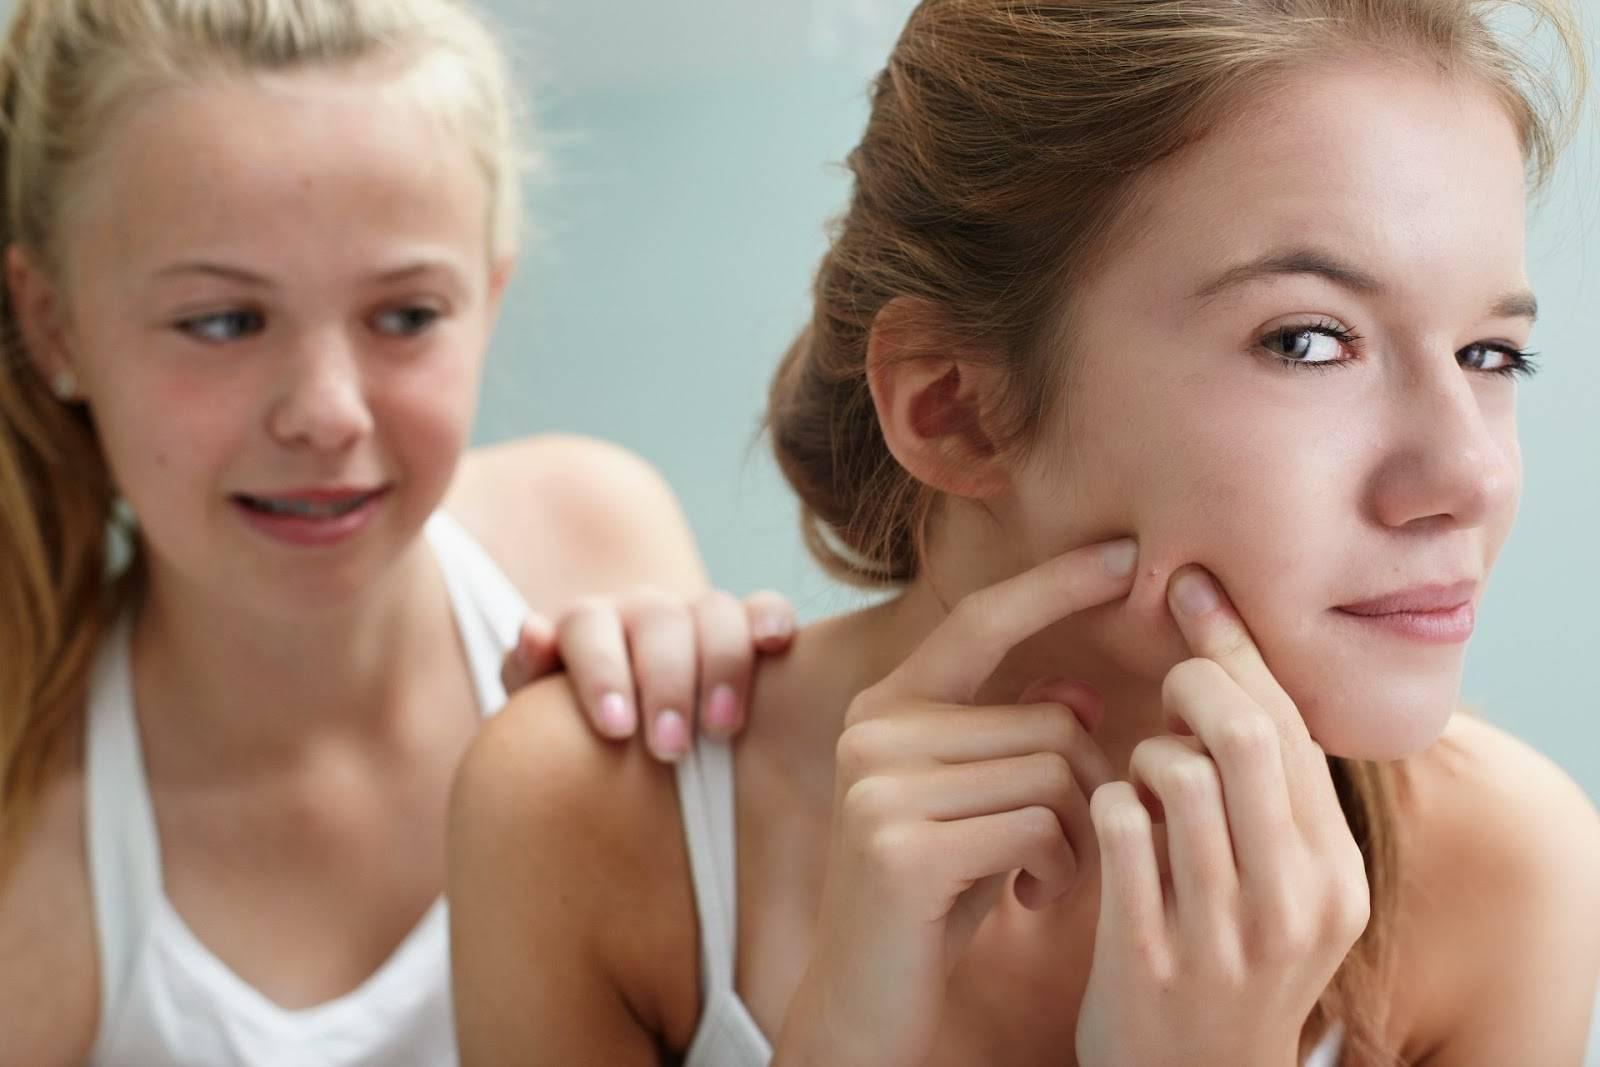 Почему появляются прыщи в подростковом возрасте и что с ними делать?